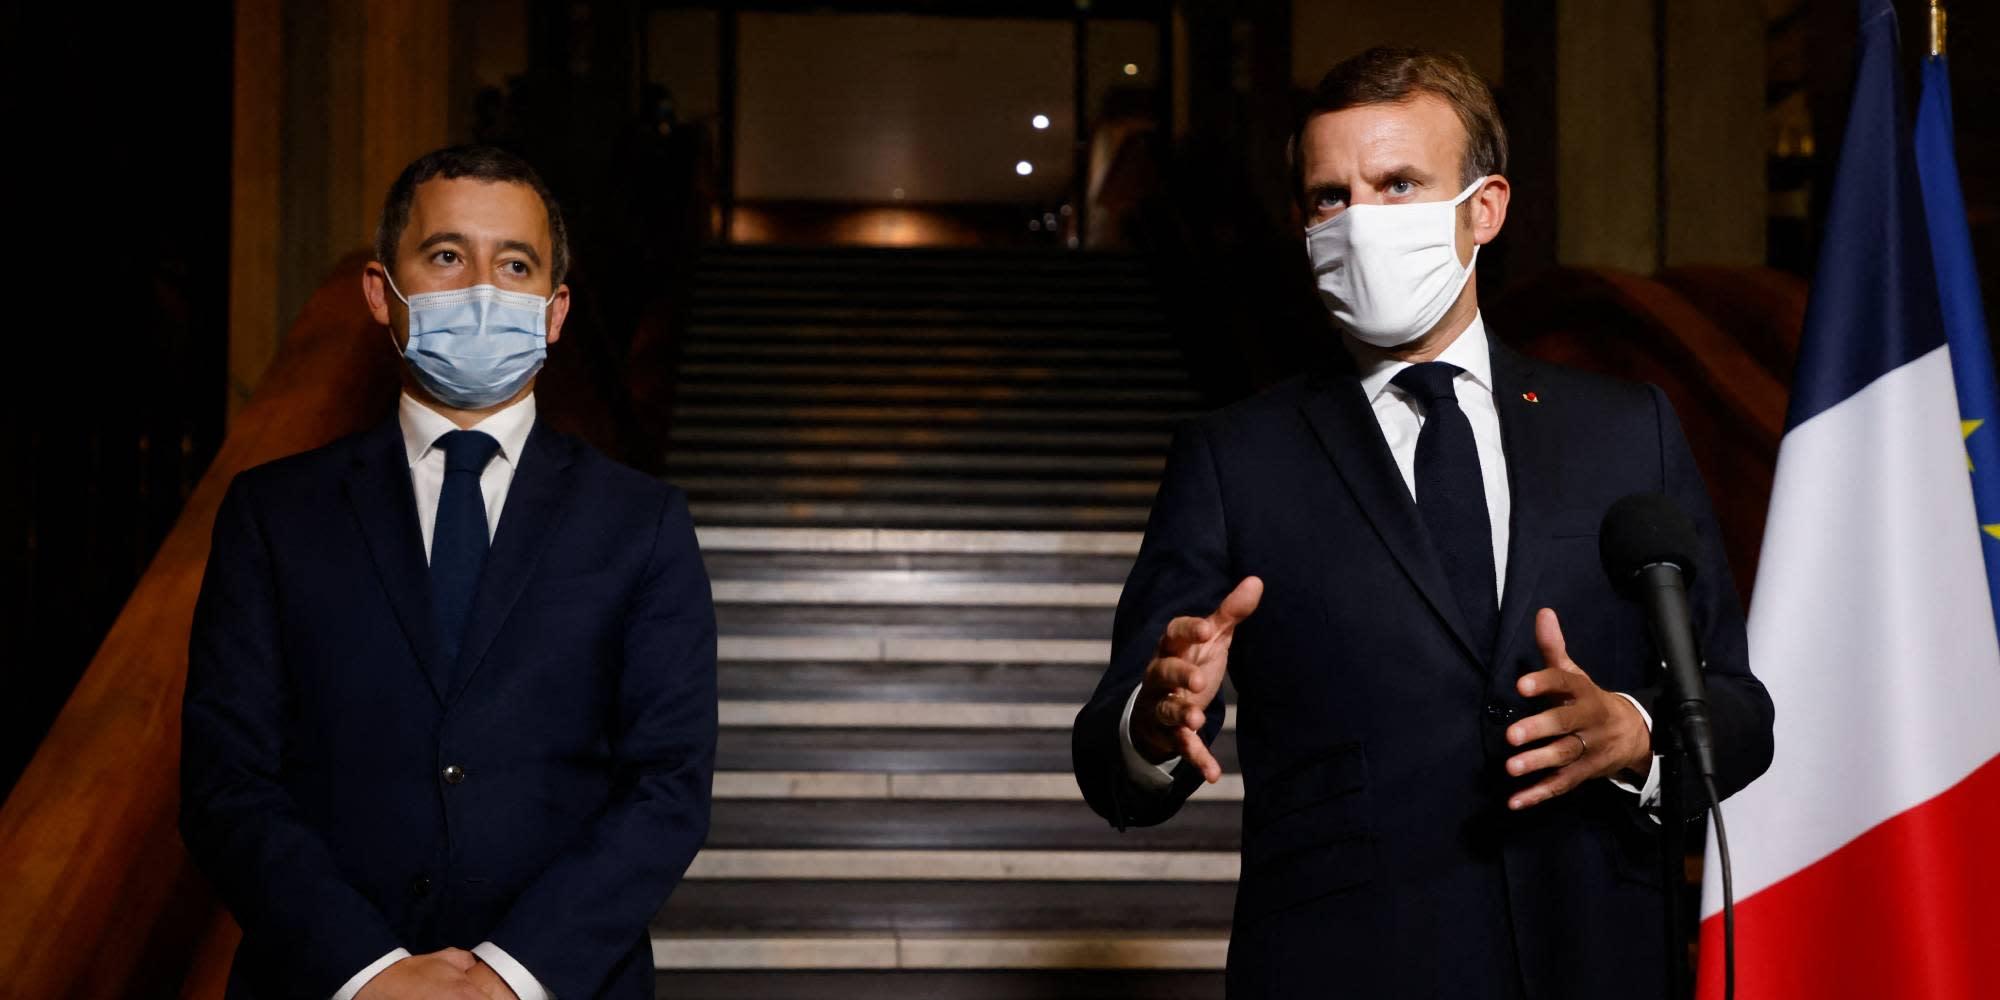 Débat sur la drogue, recrutement de policiers... Ce qu'il faut retenir des annonces de Macron sur la sécurité